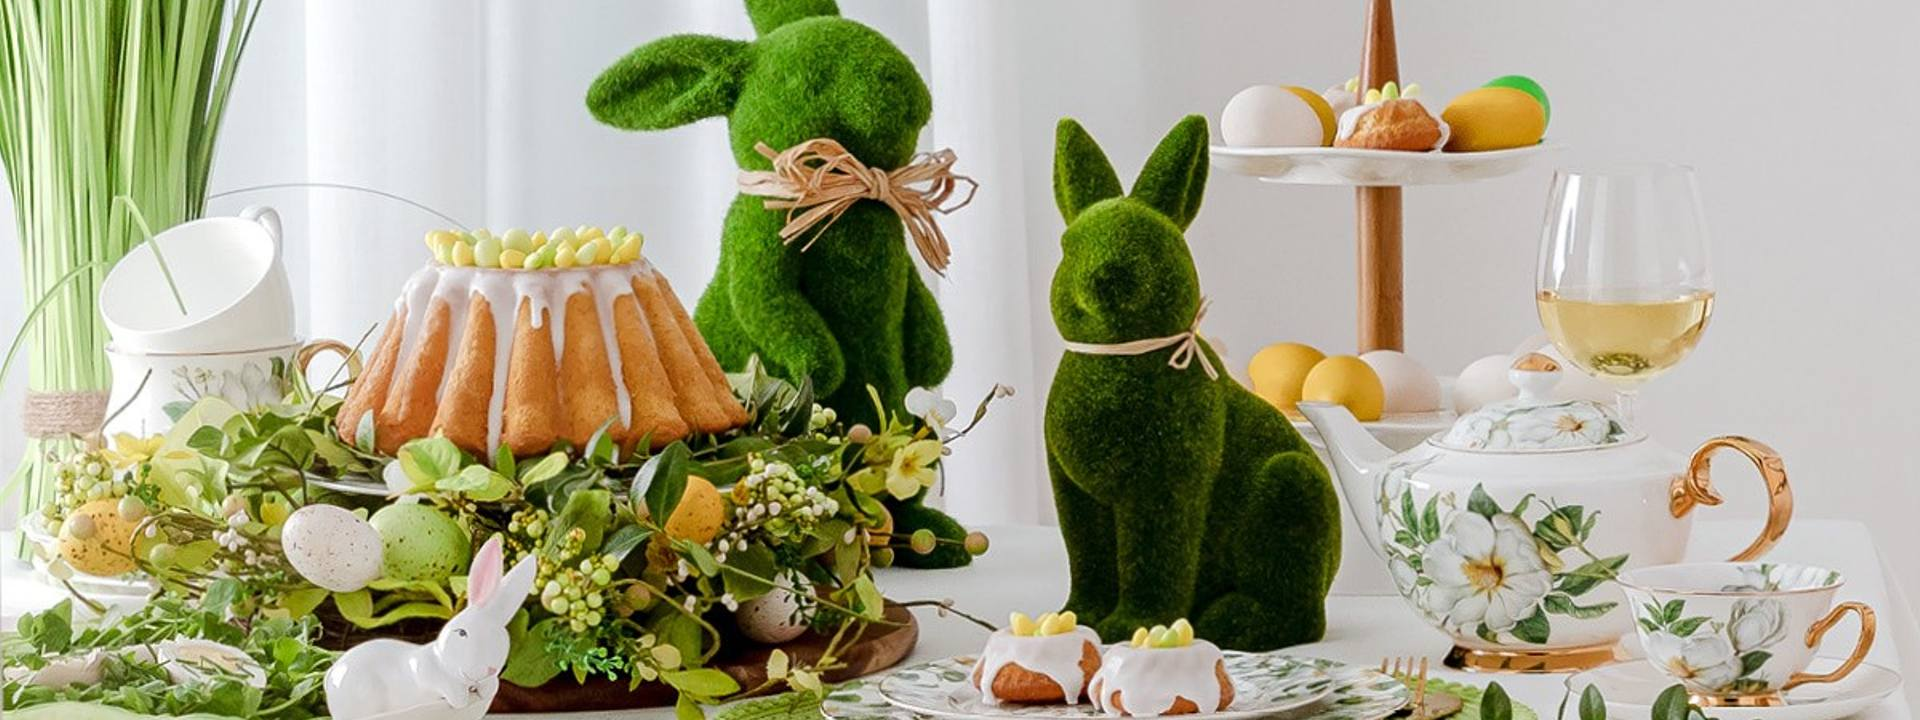 Wielkanoc 2020: rodzinne święta, jakich jeszcze nie było. 5 sposobów na udaną Wielkanoc